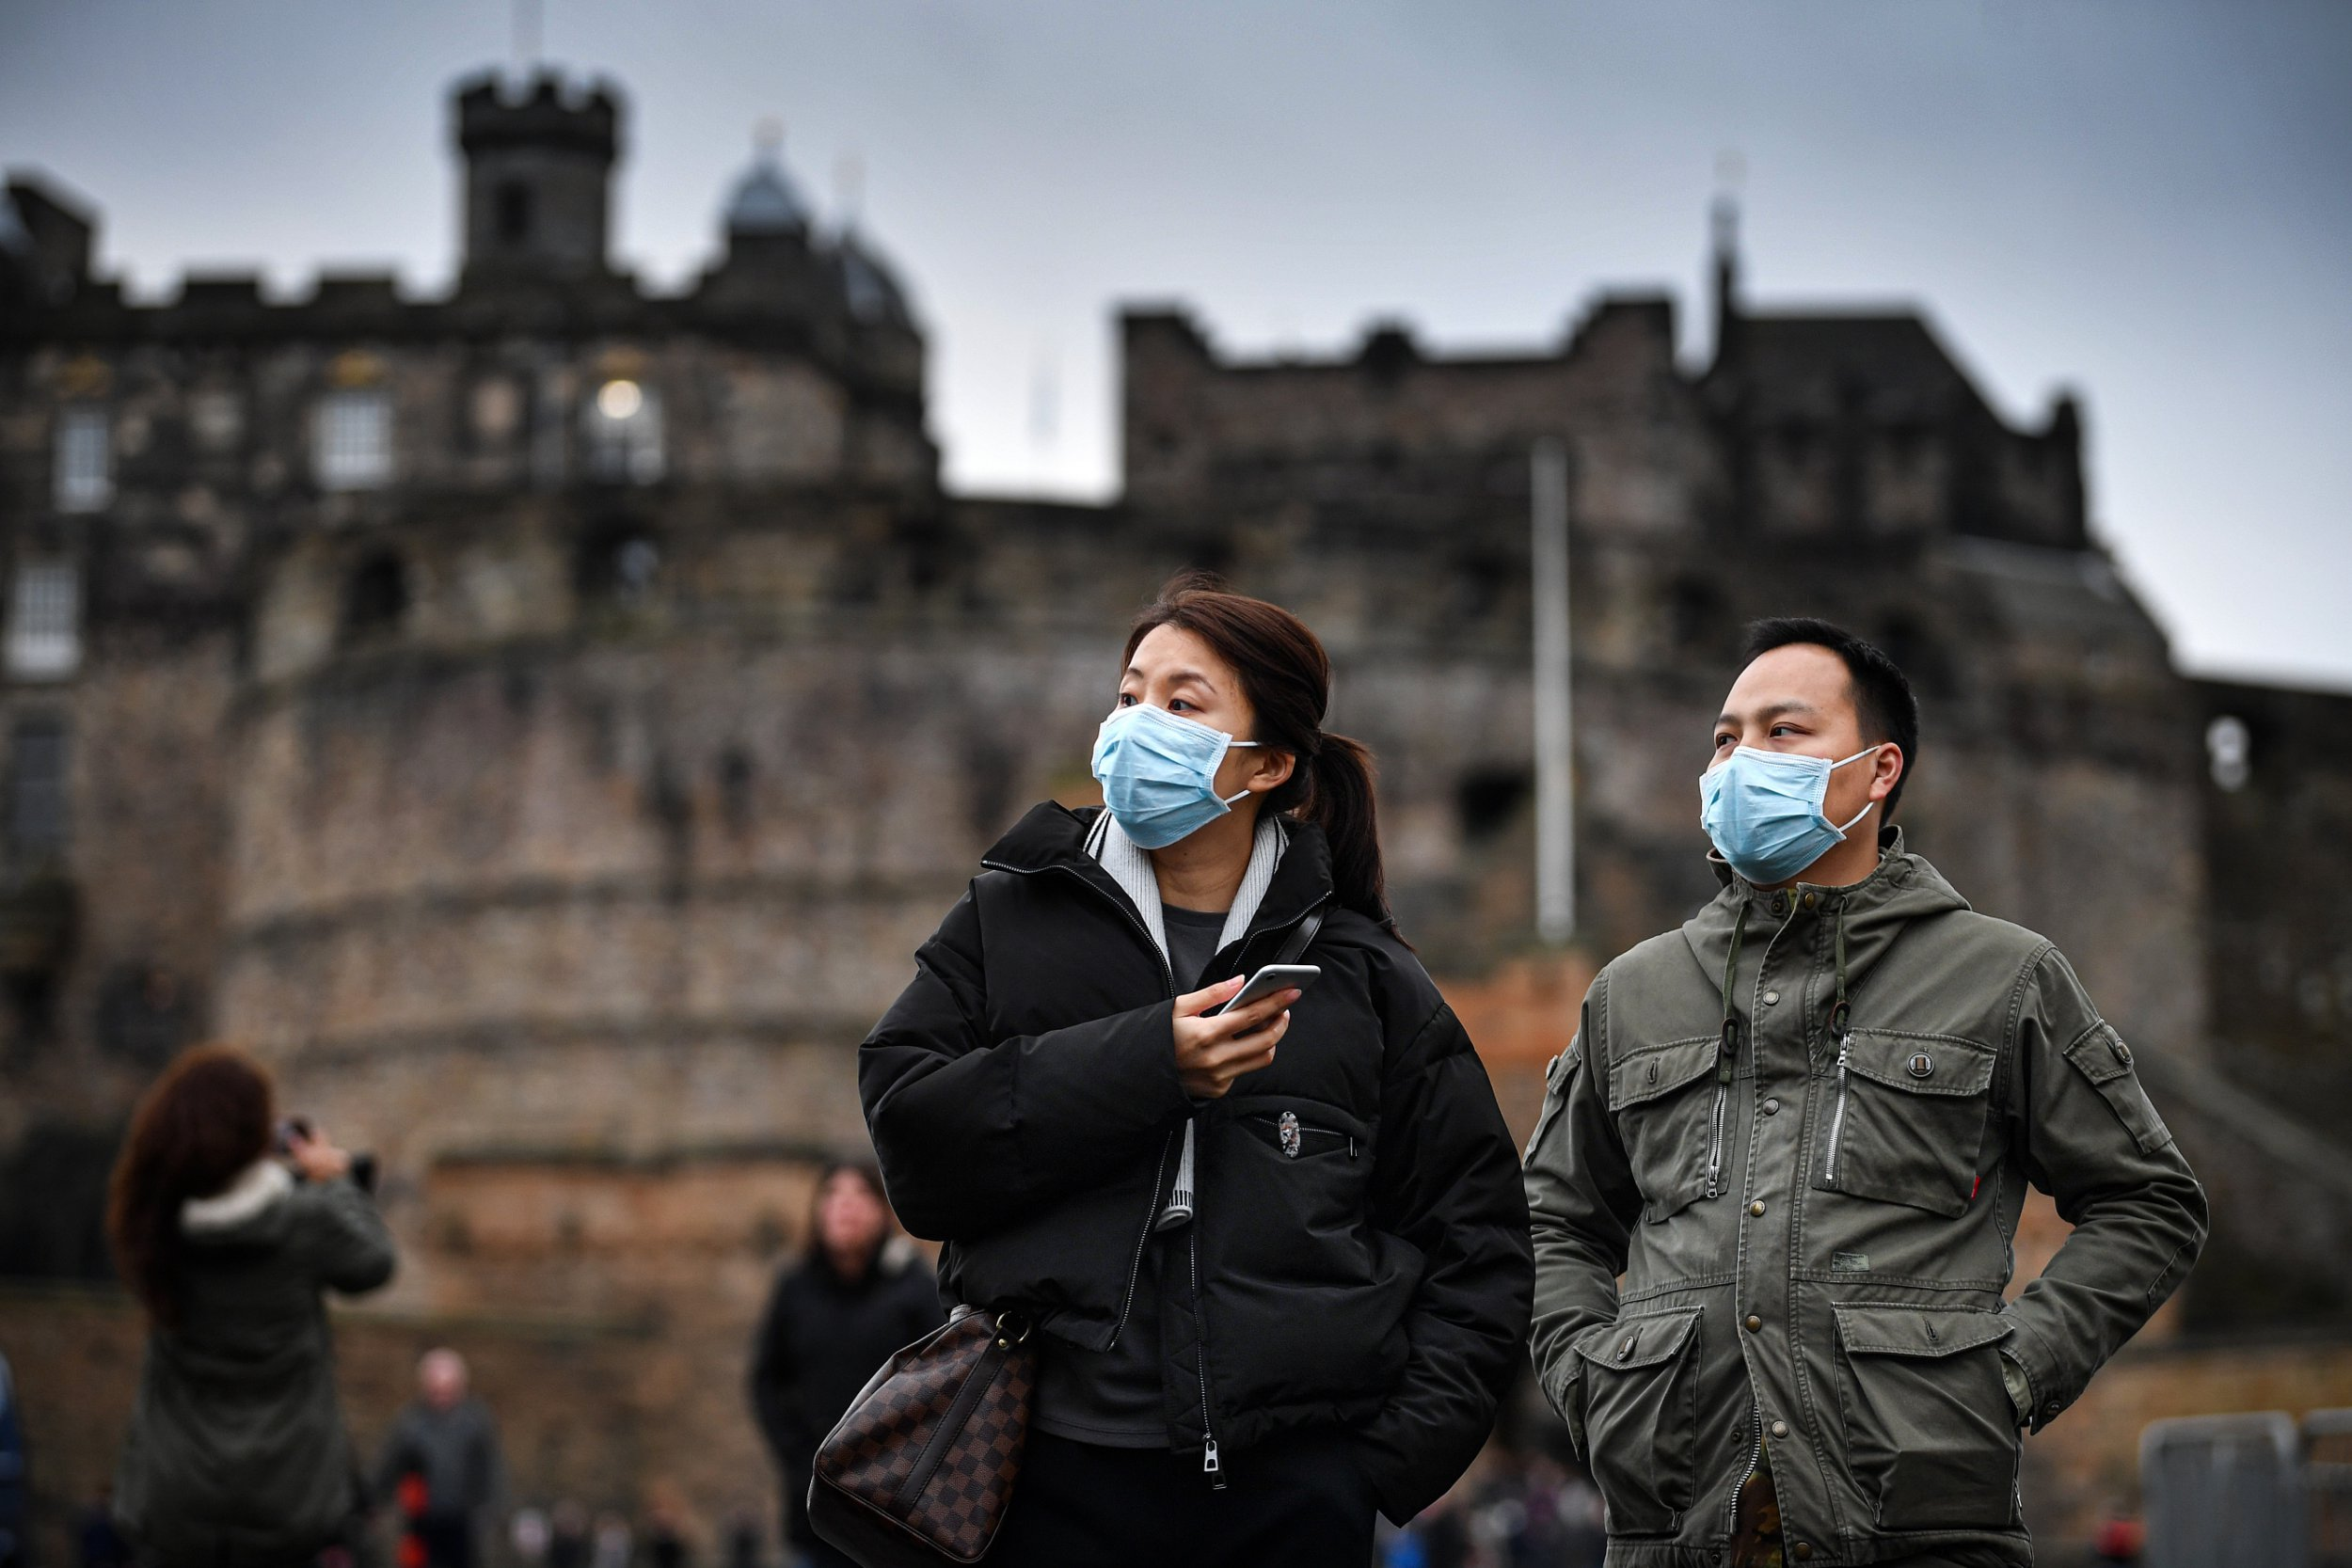 بريطانيا تسجل 4368 إصابة جديدة بفيروس كورونا خلال 24 ساعة